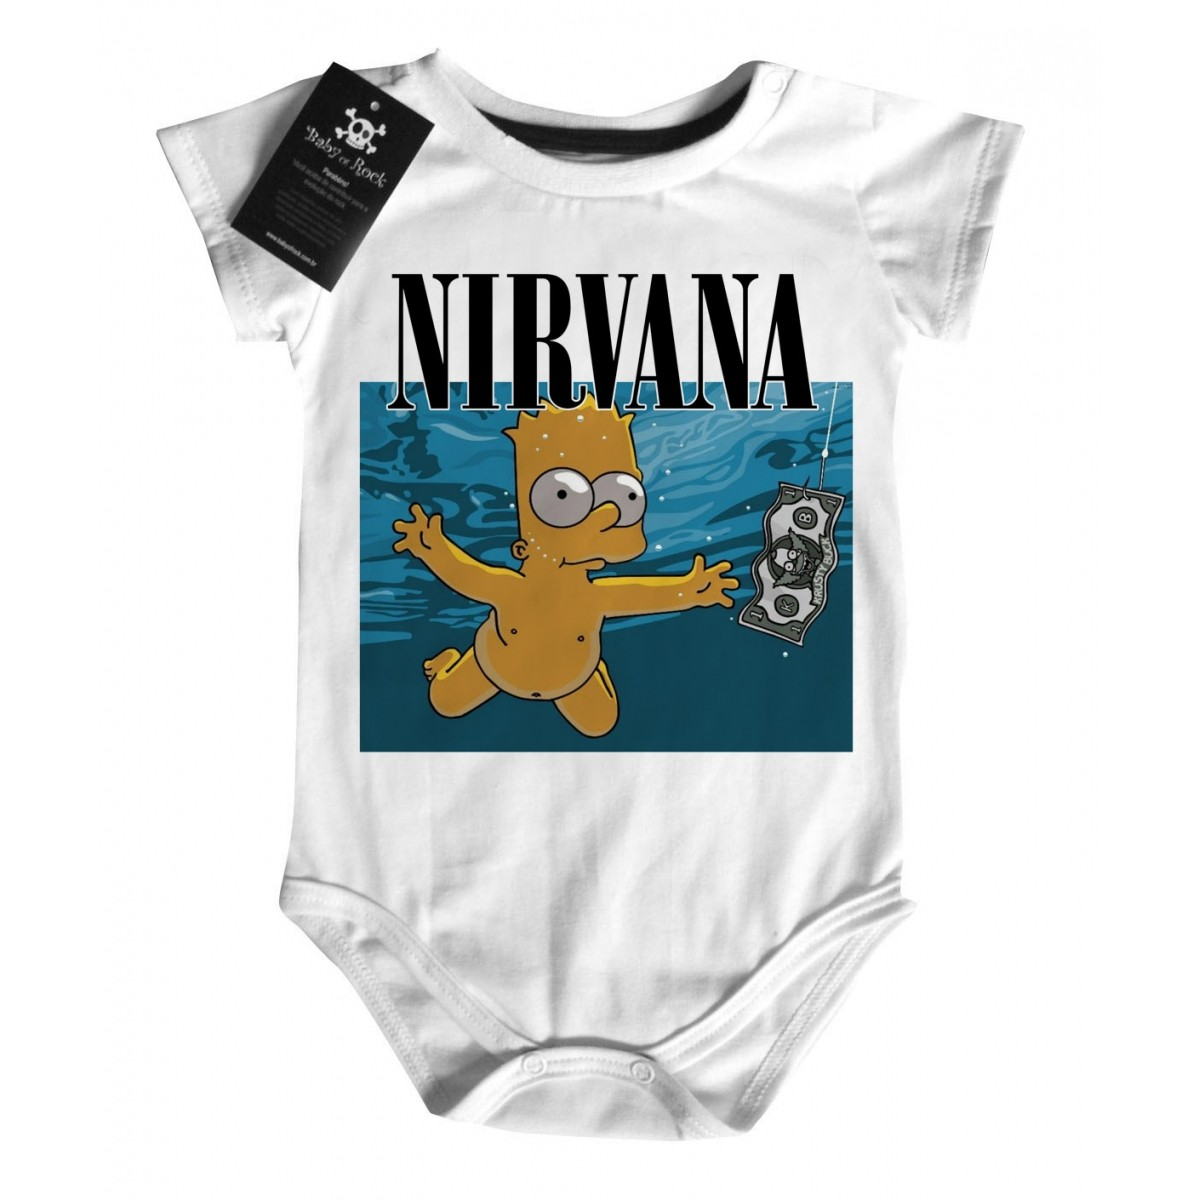 Body Bebe Rock Nirvana -  Bart Nevermind D - White  - Baby Monster - Body Bebe